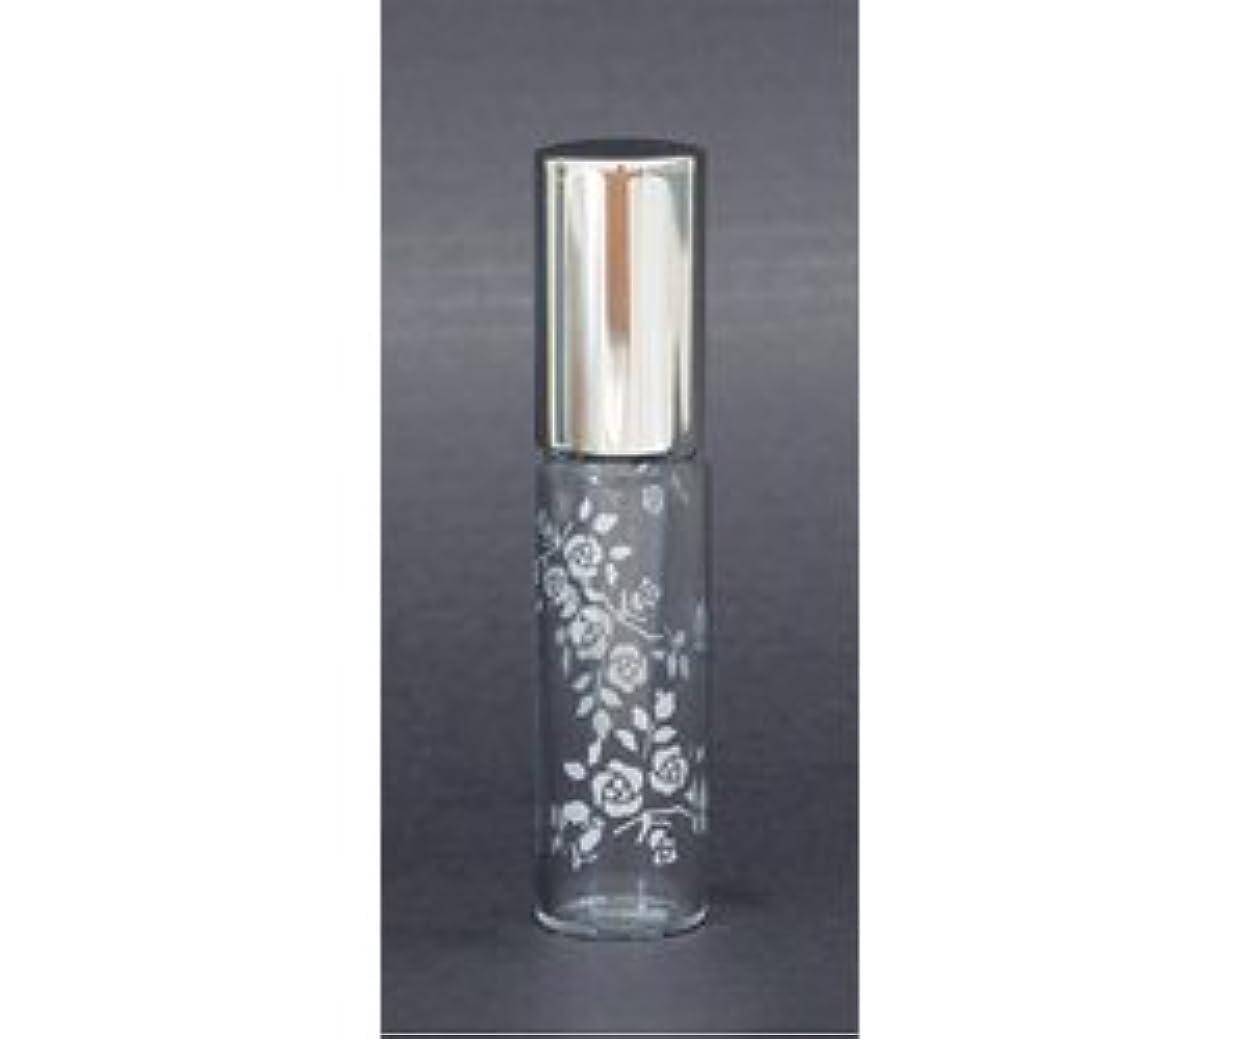 気まぐれな磁気空白ヤマダアトマイザー コロプチ パフュームローラー 香水 携帯用 詰め換え用付属品入り 60714 アトマイザー